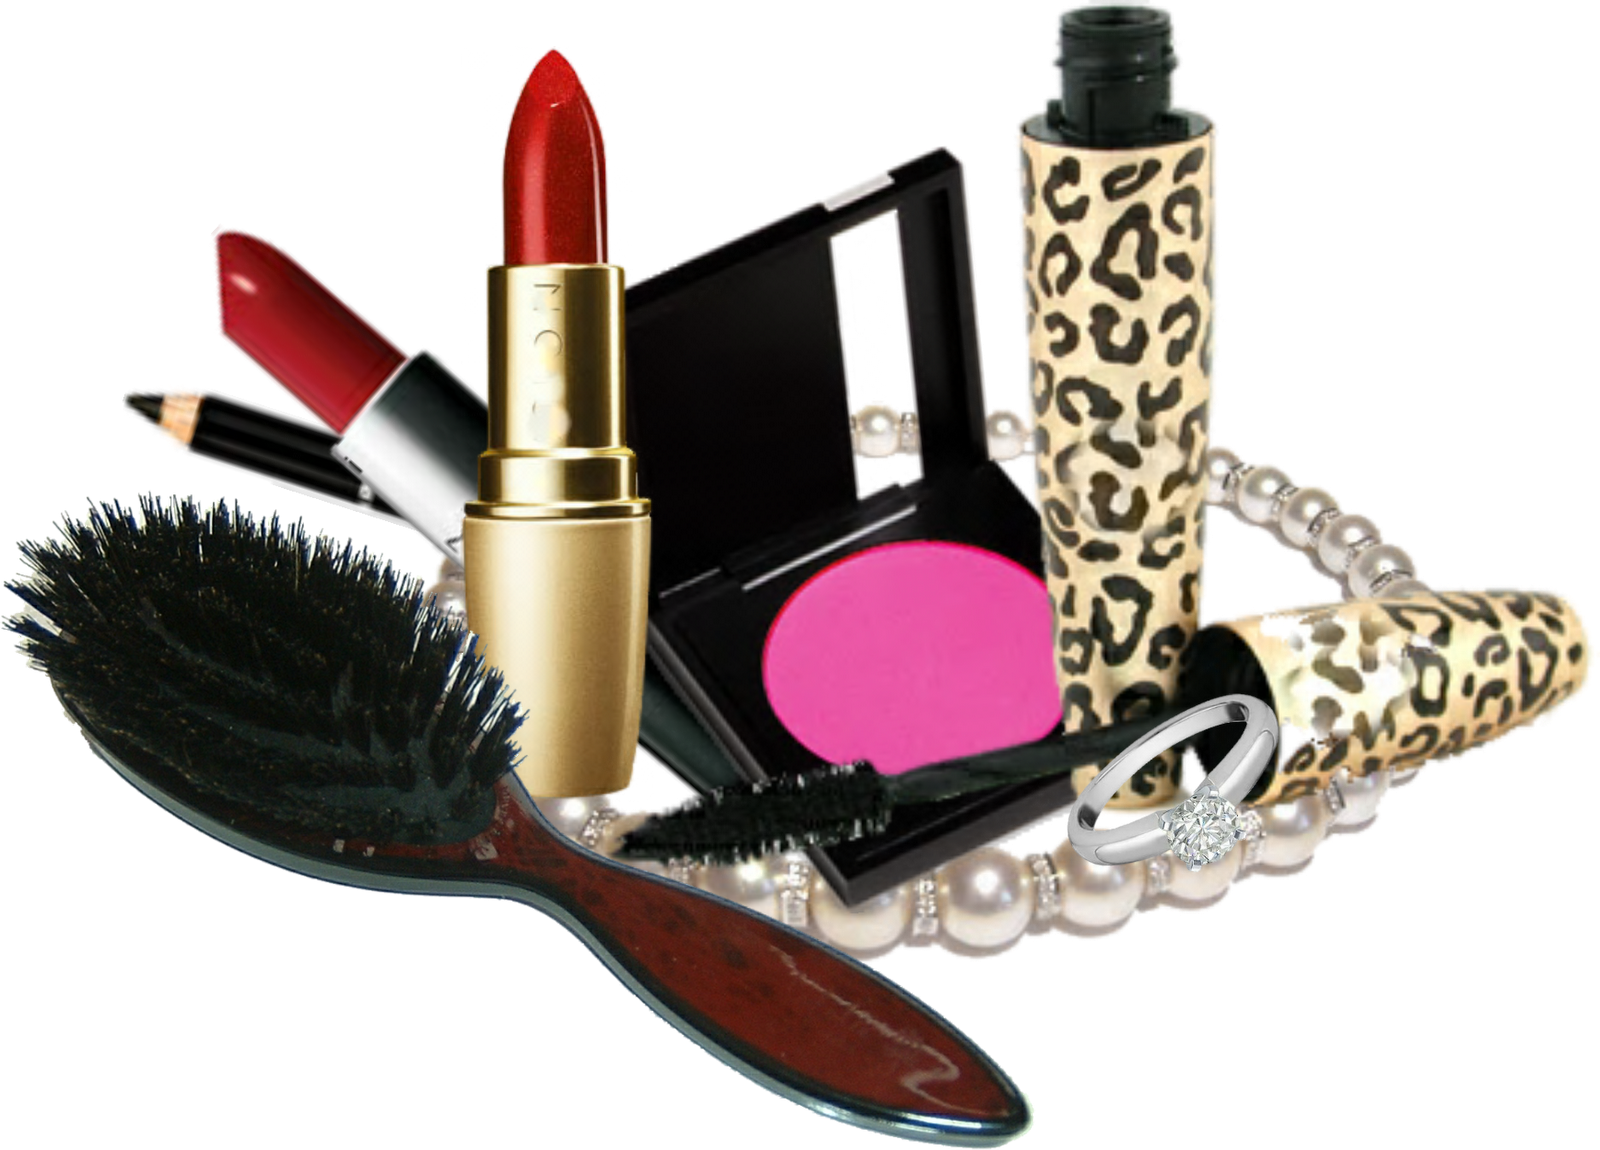 Makeup Png Image #7209 - Makeup PNG